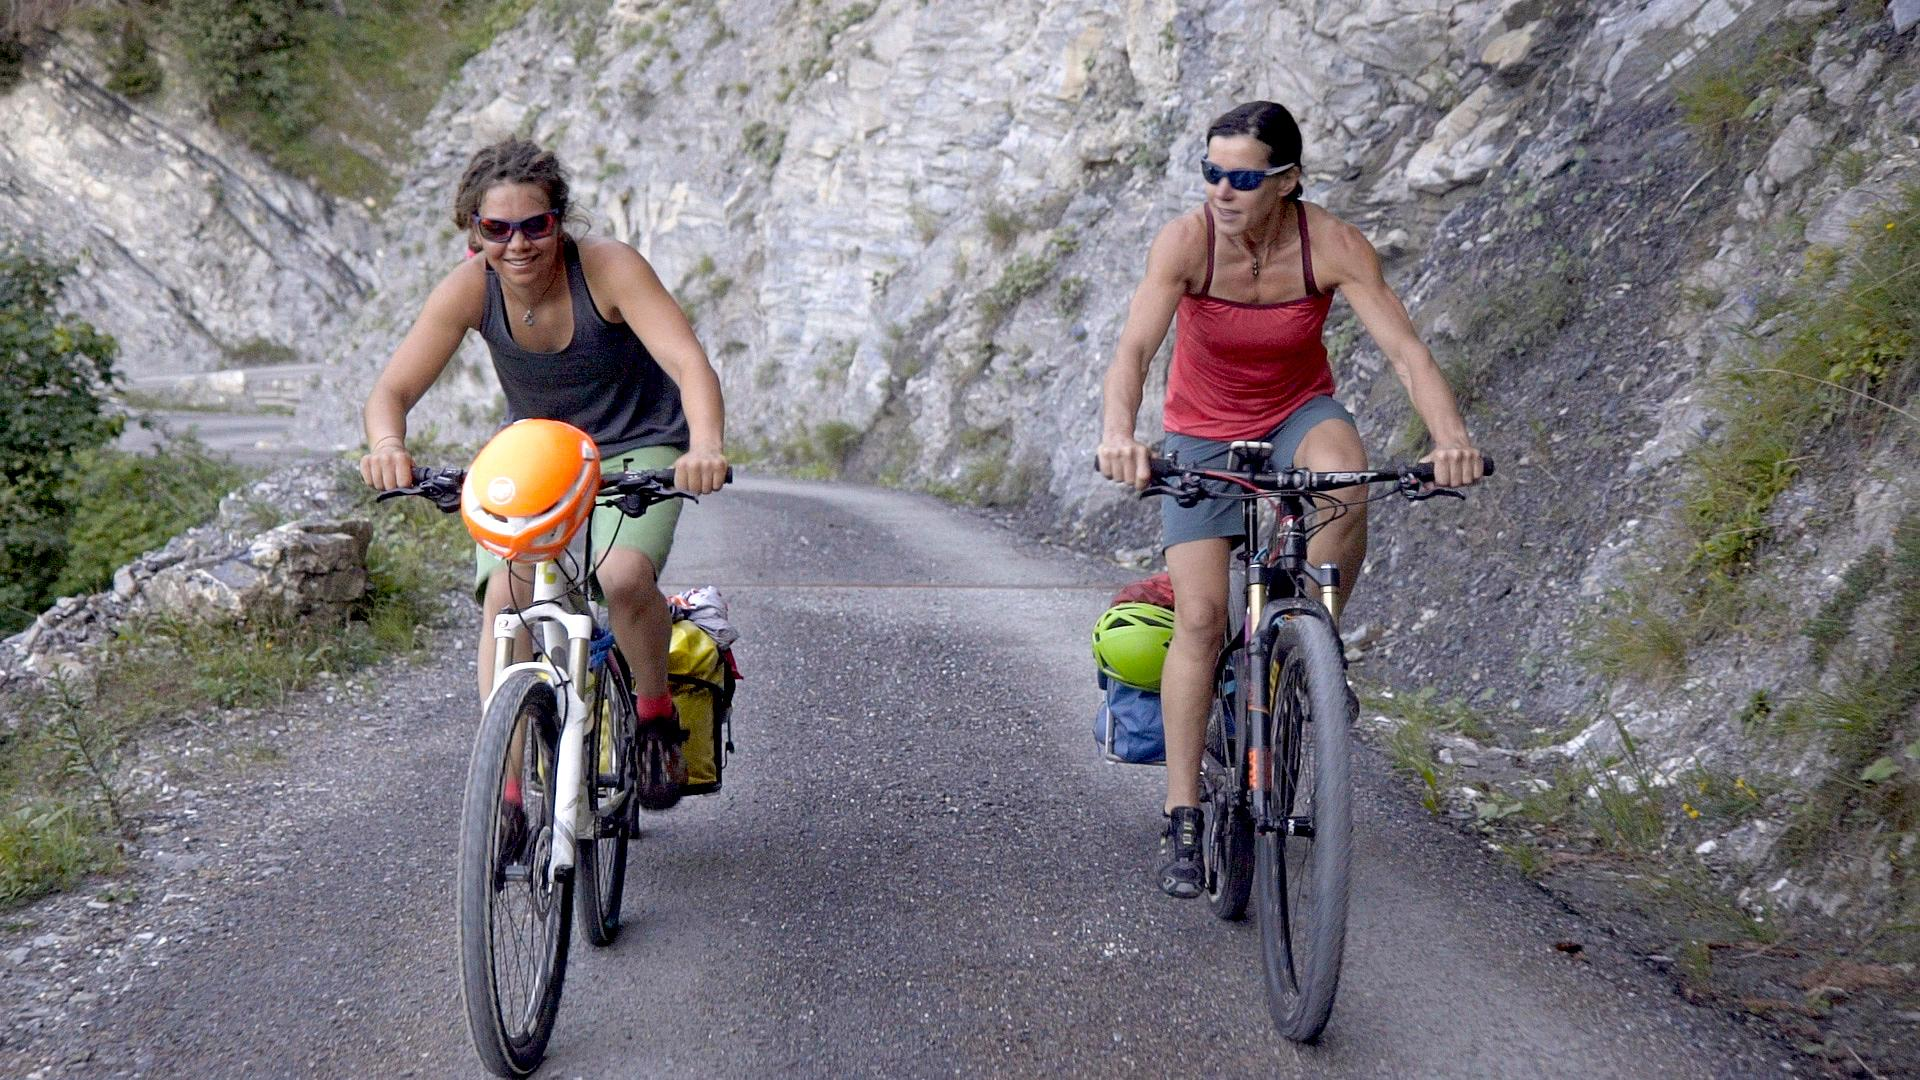 Ines Papert und Caro North, Profi-Alpinistinnen, und ihre eigene Idee zu Bike & Hike